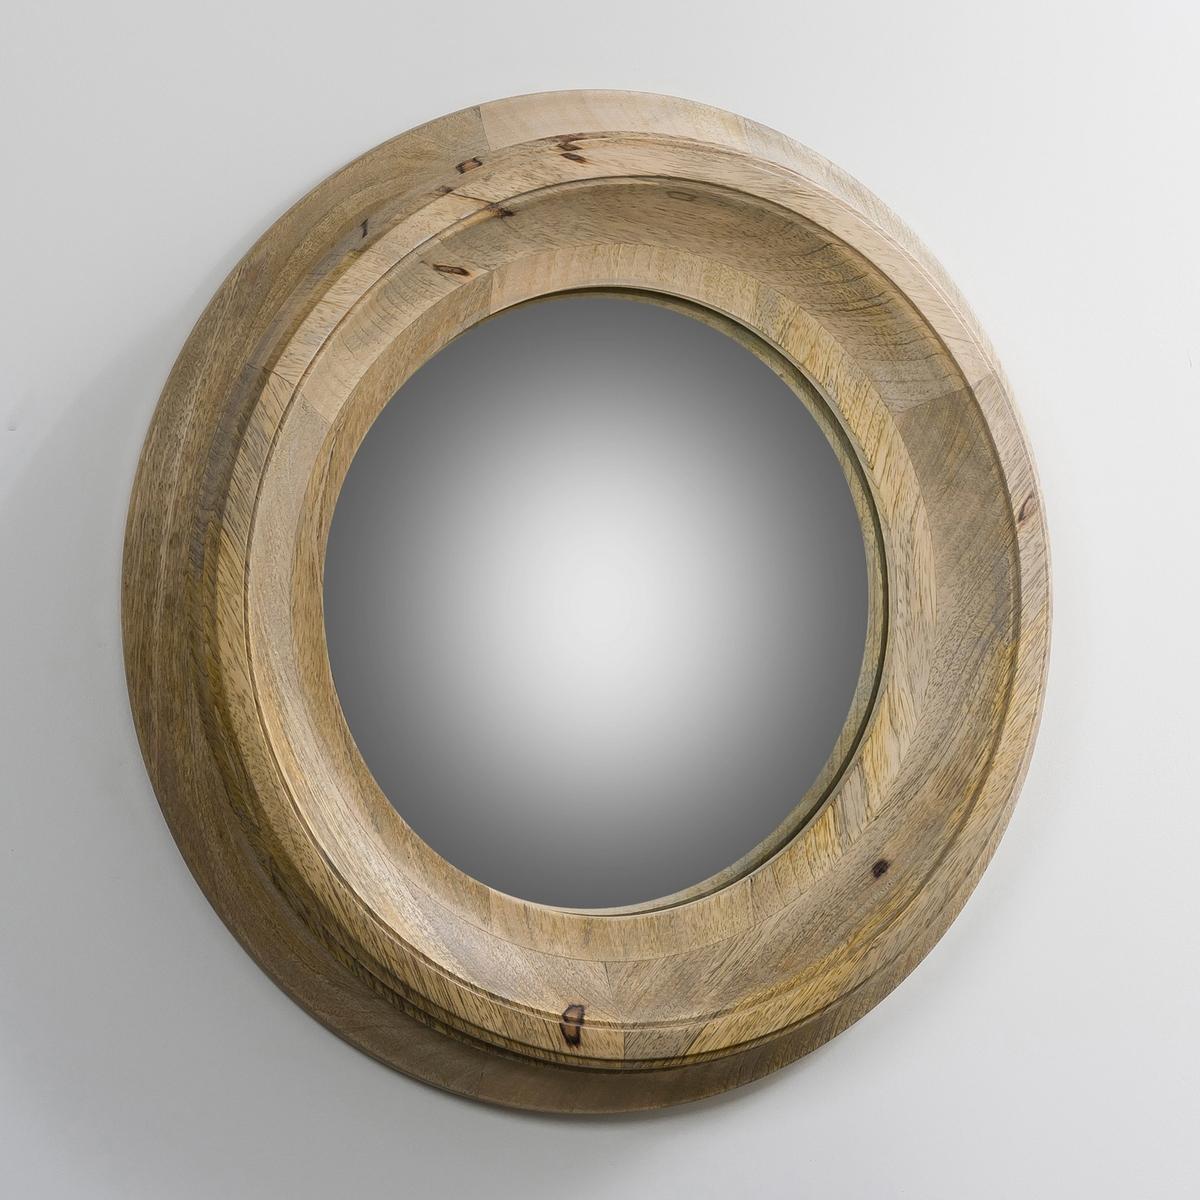 Зеркало волшебное  ?40 см, HabelС выпуклым алитированным стеклом. Рама натуральный манго. Настенный монтаж со скрытым металлическим ушком.<br><br>Цвет: серо-бежевый